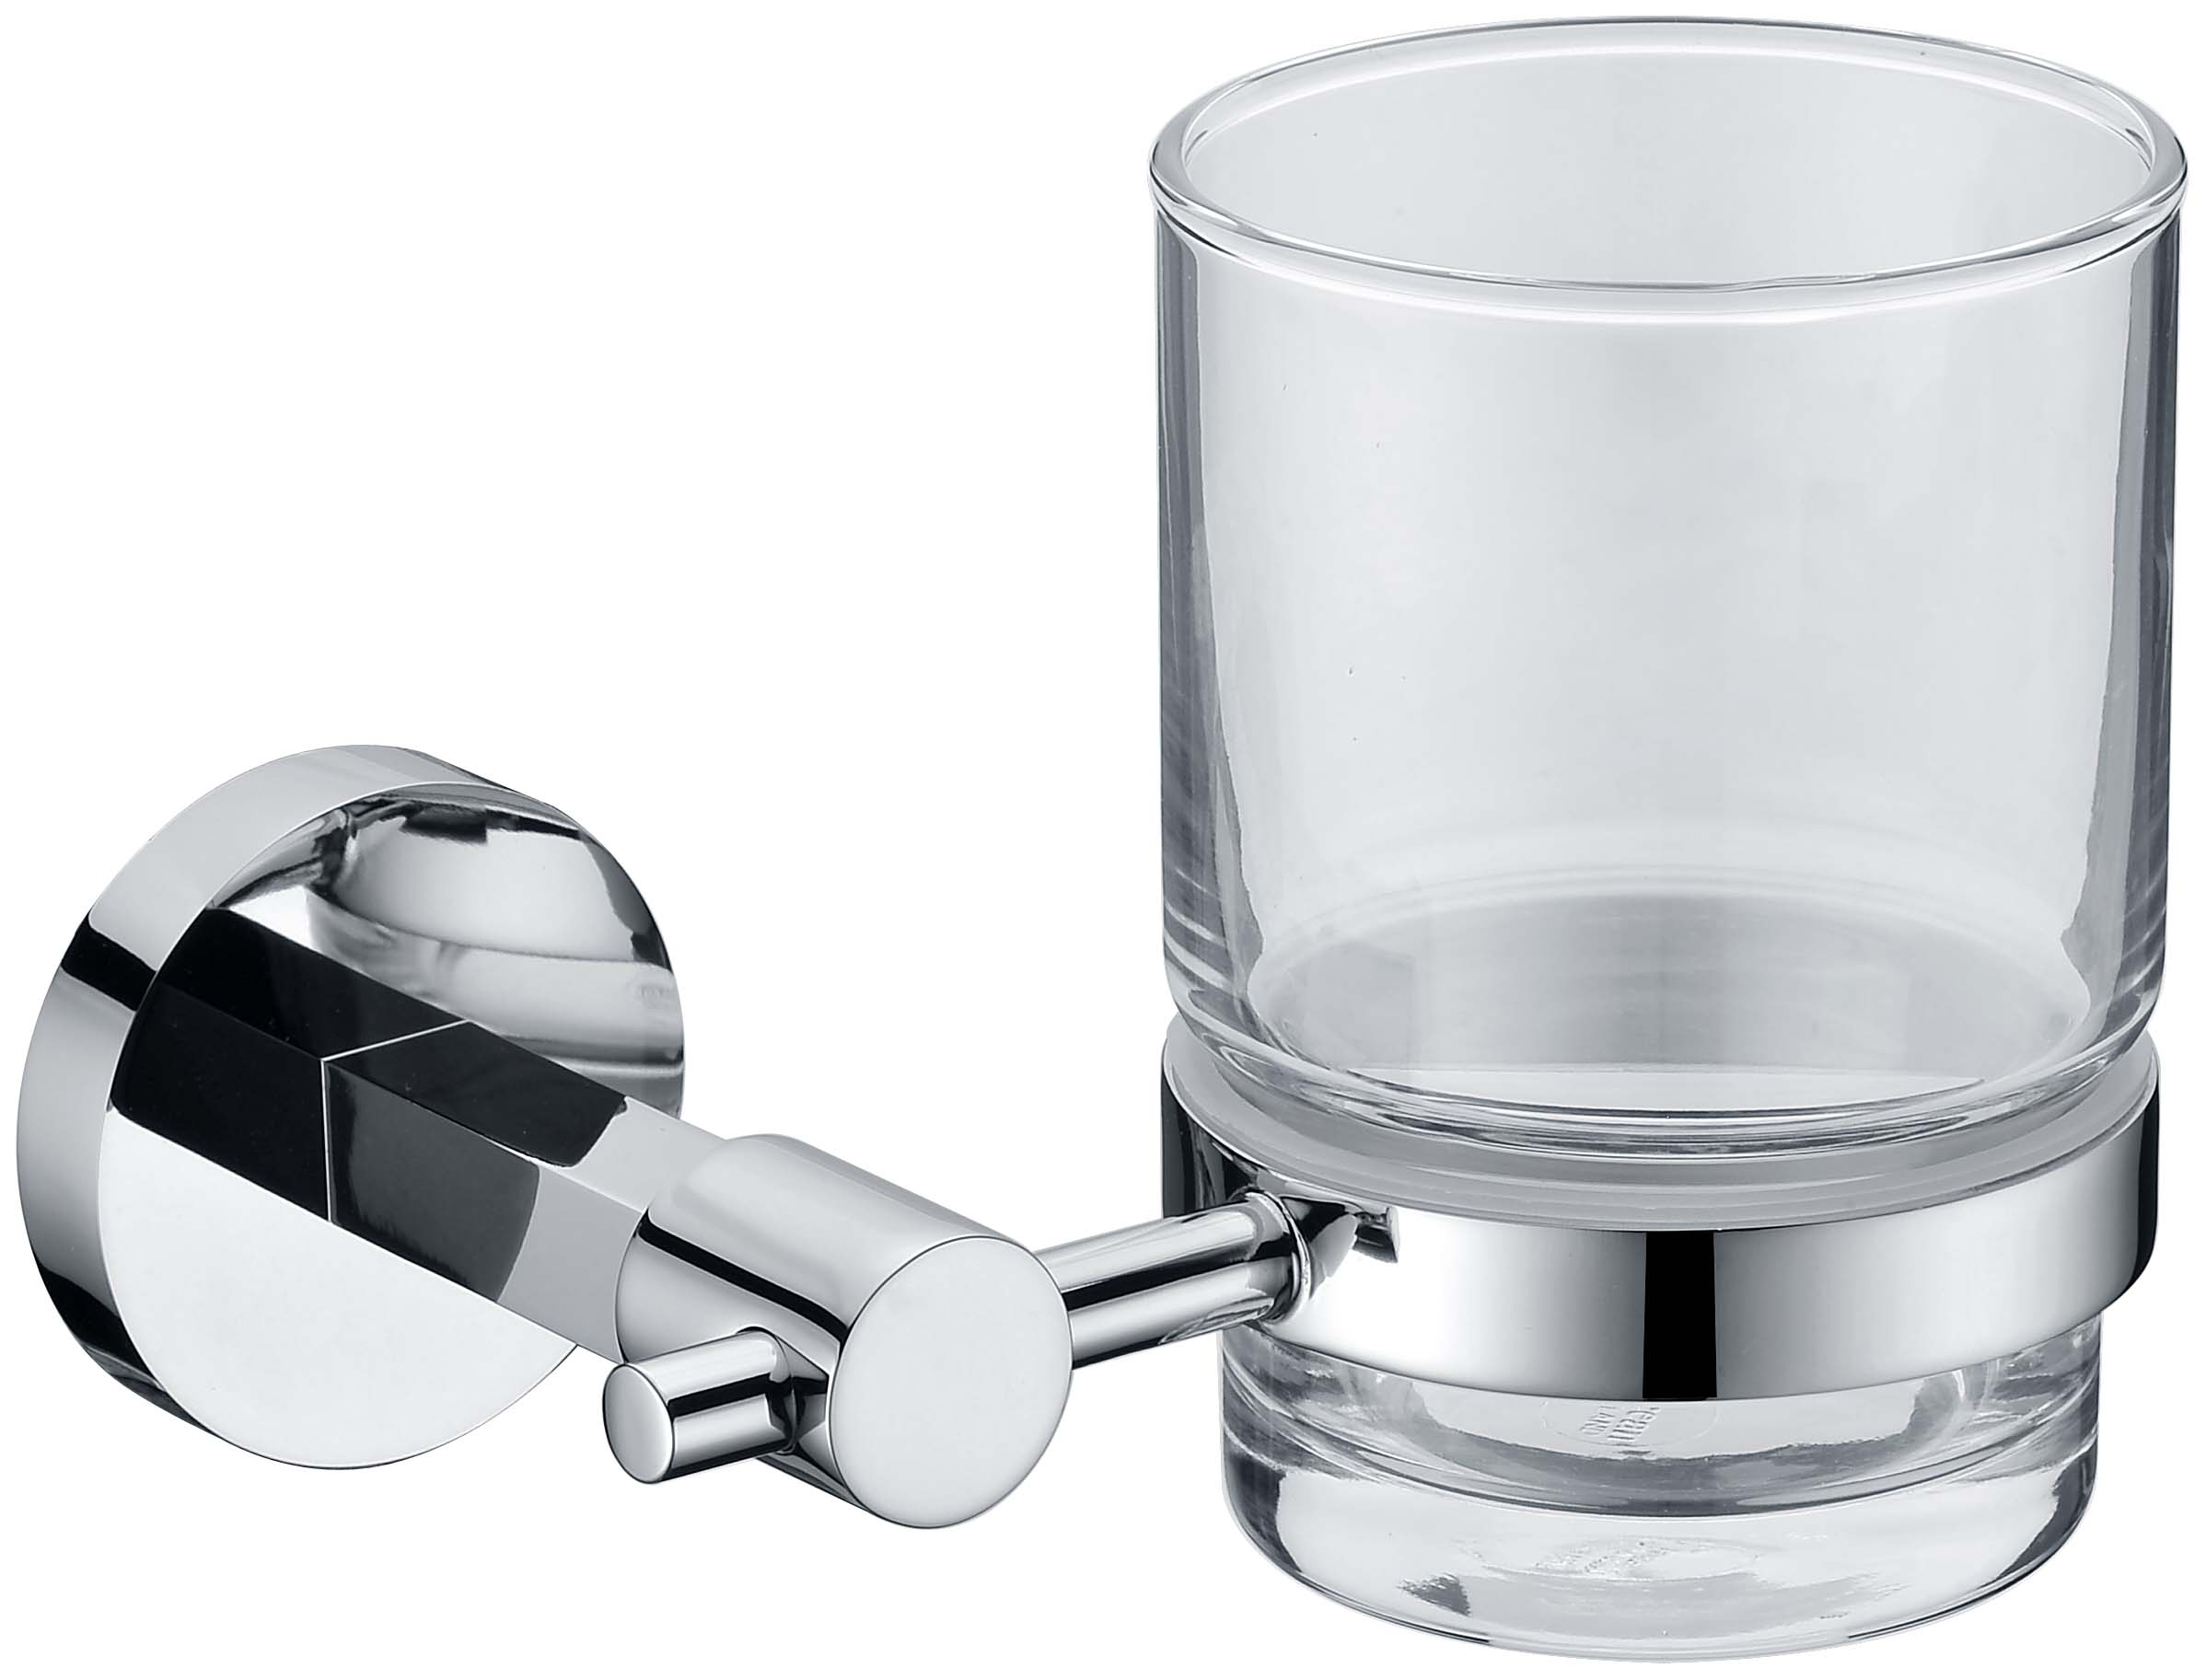 Decorative Exquisite Bathroom Accessories Brass Tumbler Holder